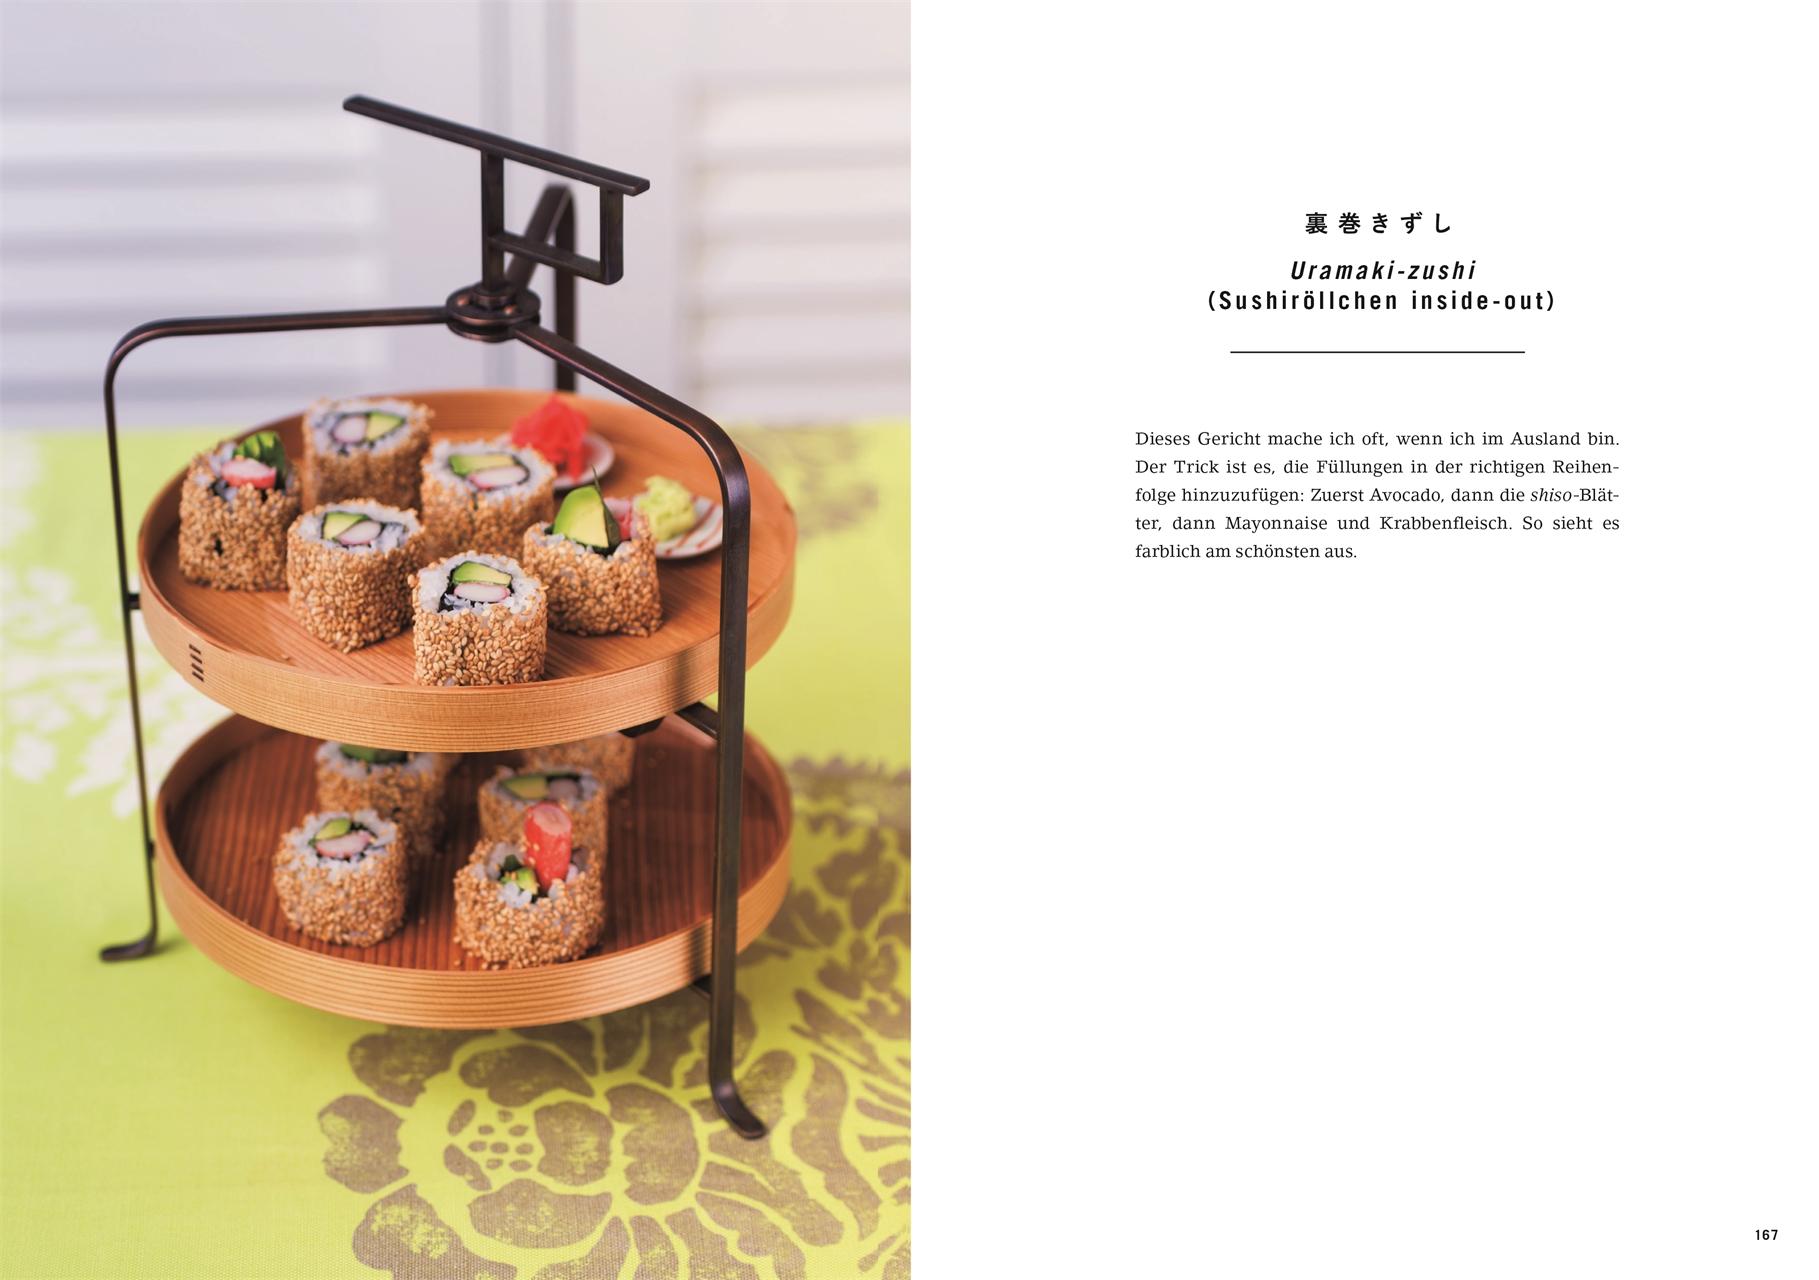 Harumis Leichte Japanische Kuche Dk Verlag